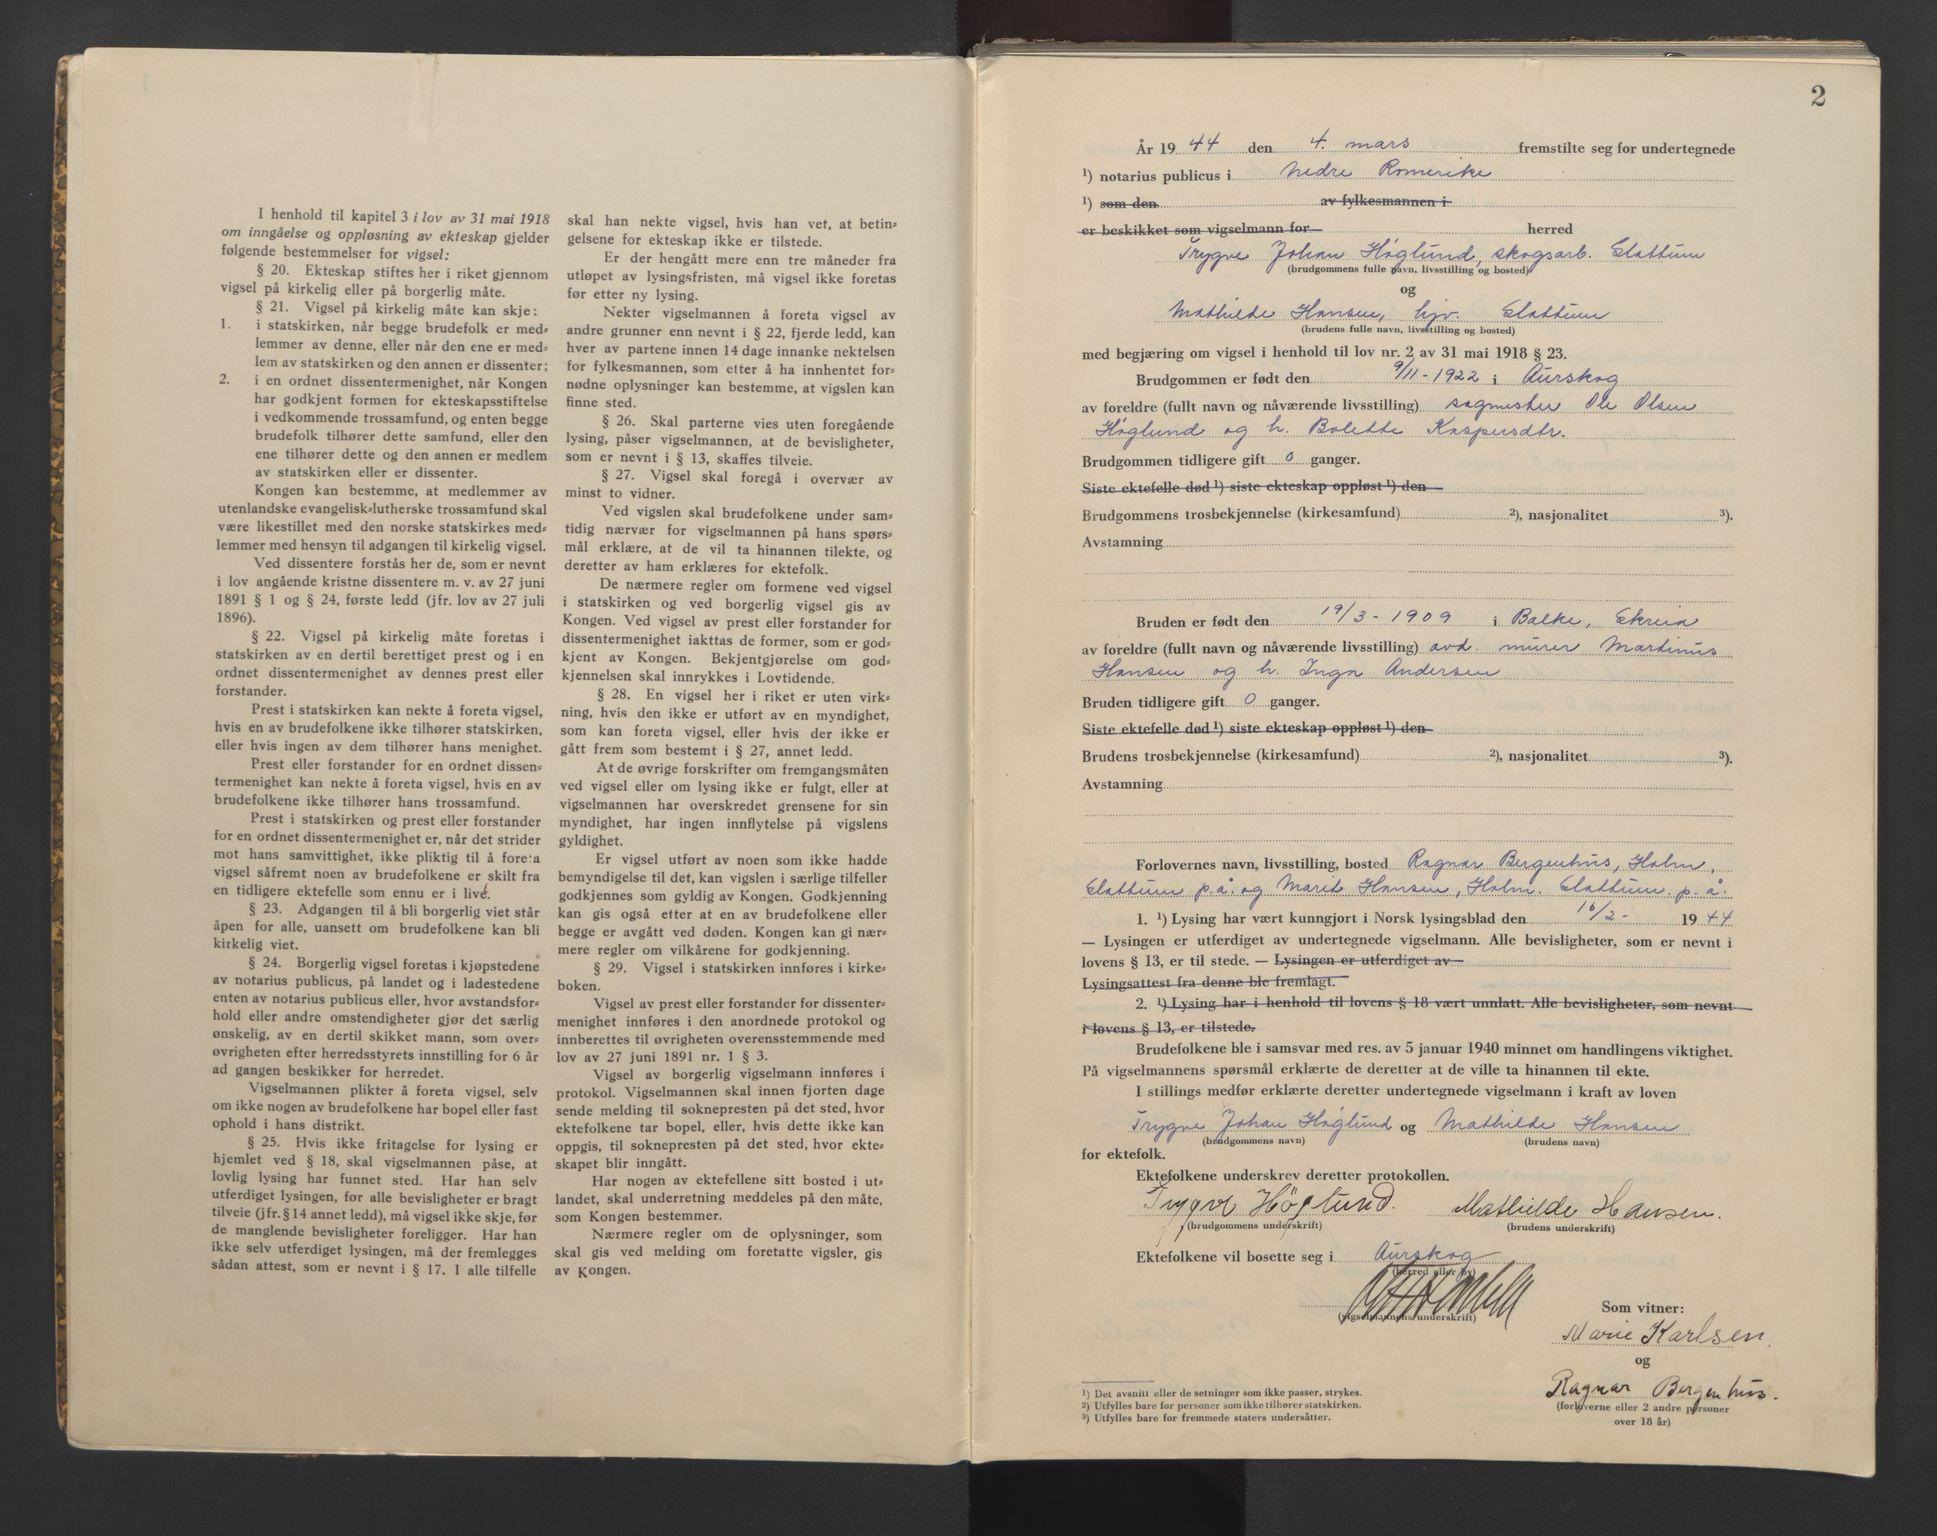 SAO, Nedre Romerike sorenskriveri, L/Lb/L0005: Vigselsbok - borgerlige vielser, 1944, s. 2